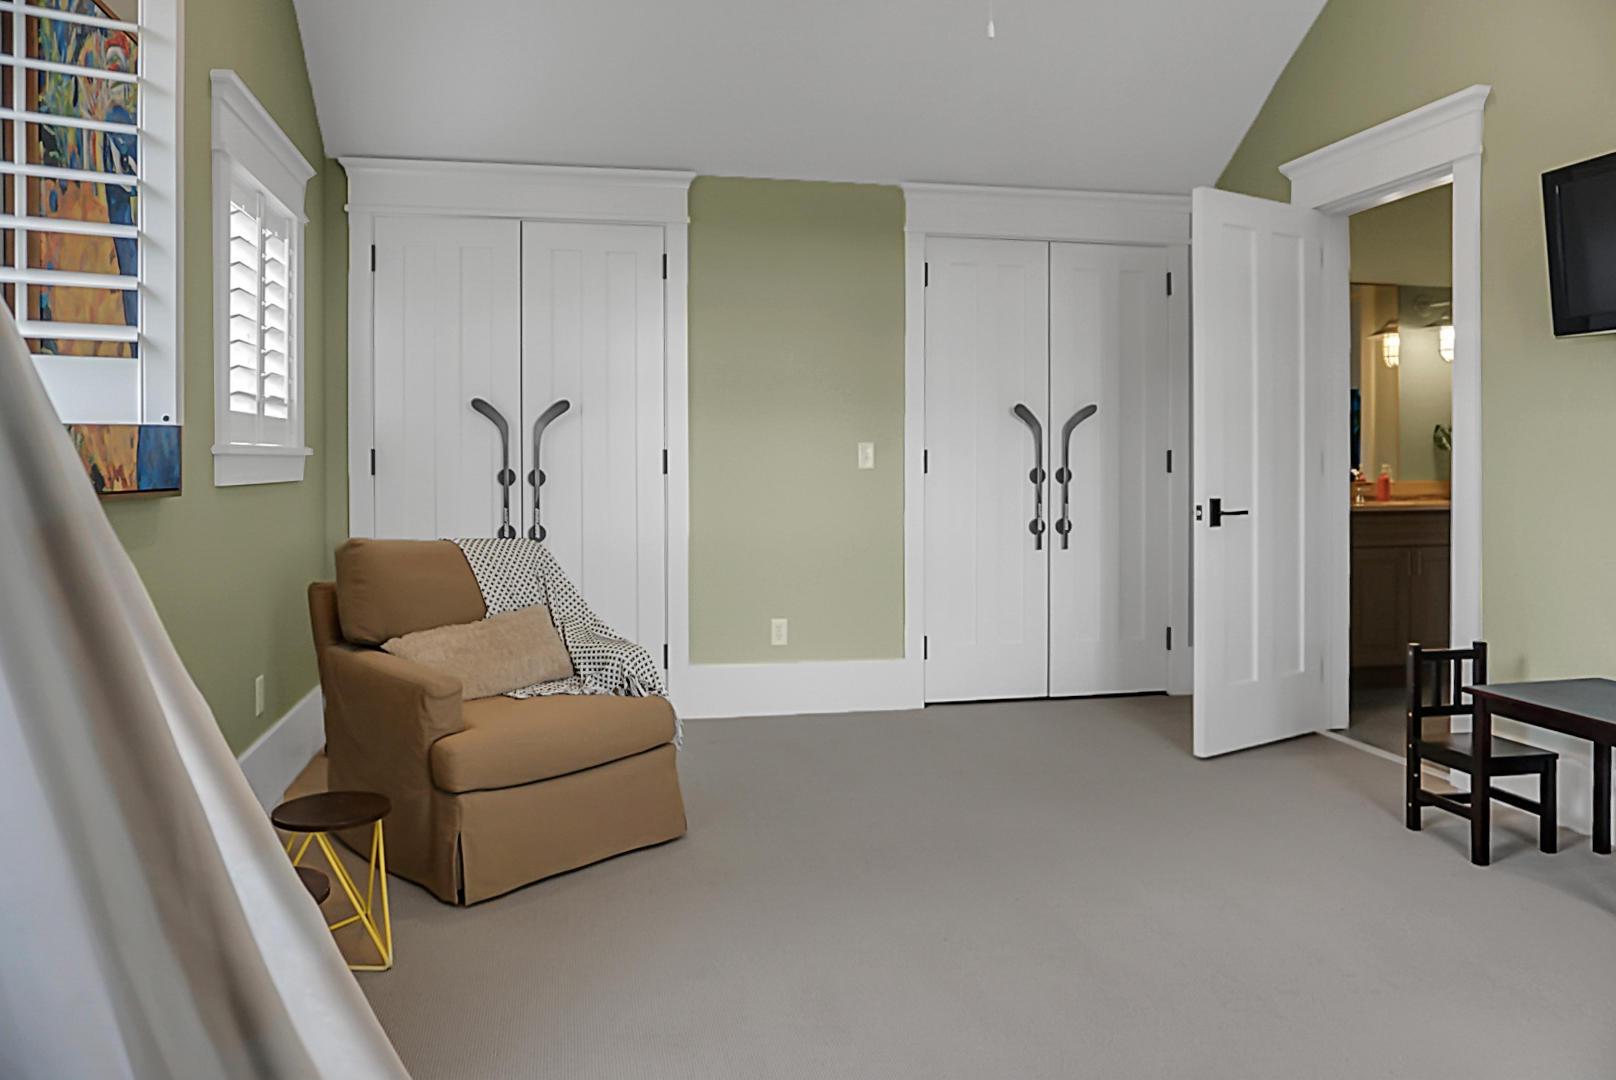 Dunes West Homes For Sale - 2978 River Vista, Mount Pleasant, SC - 87